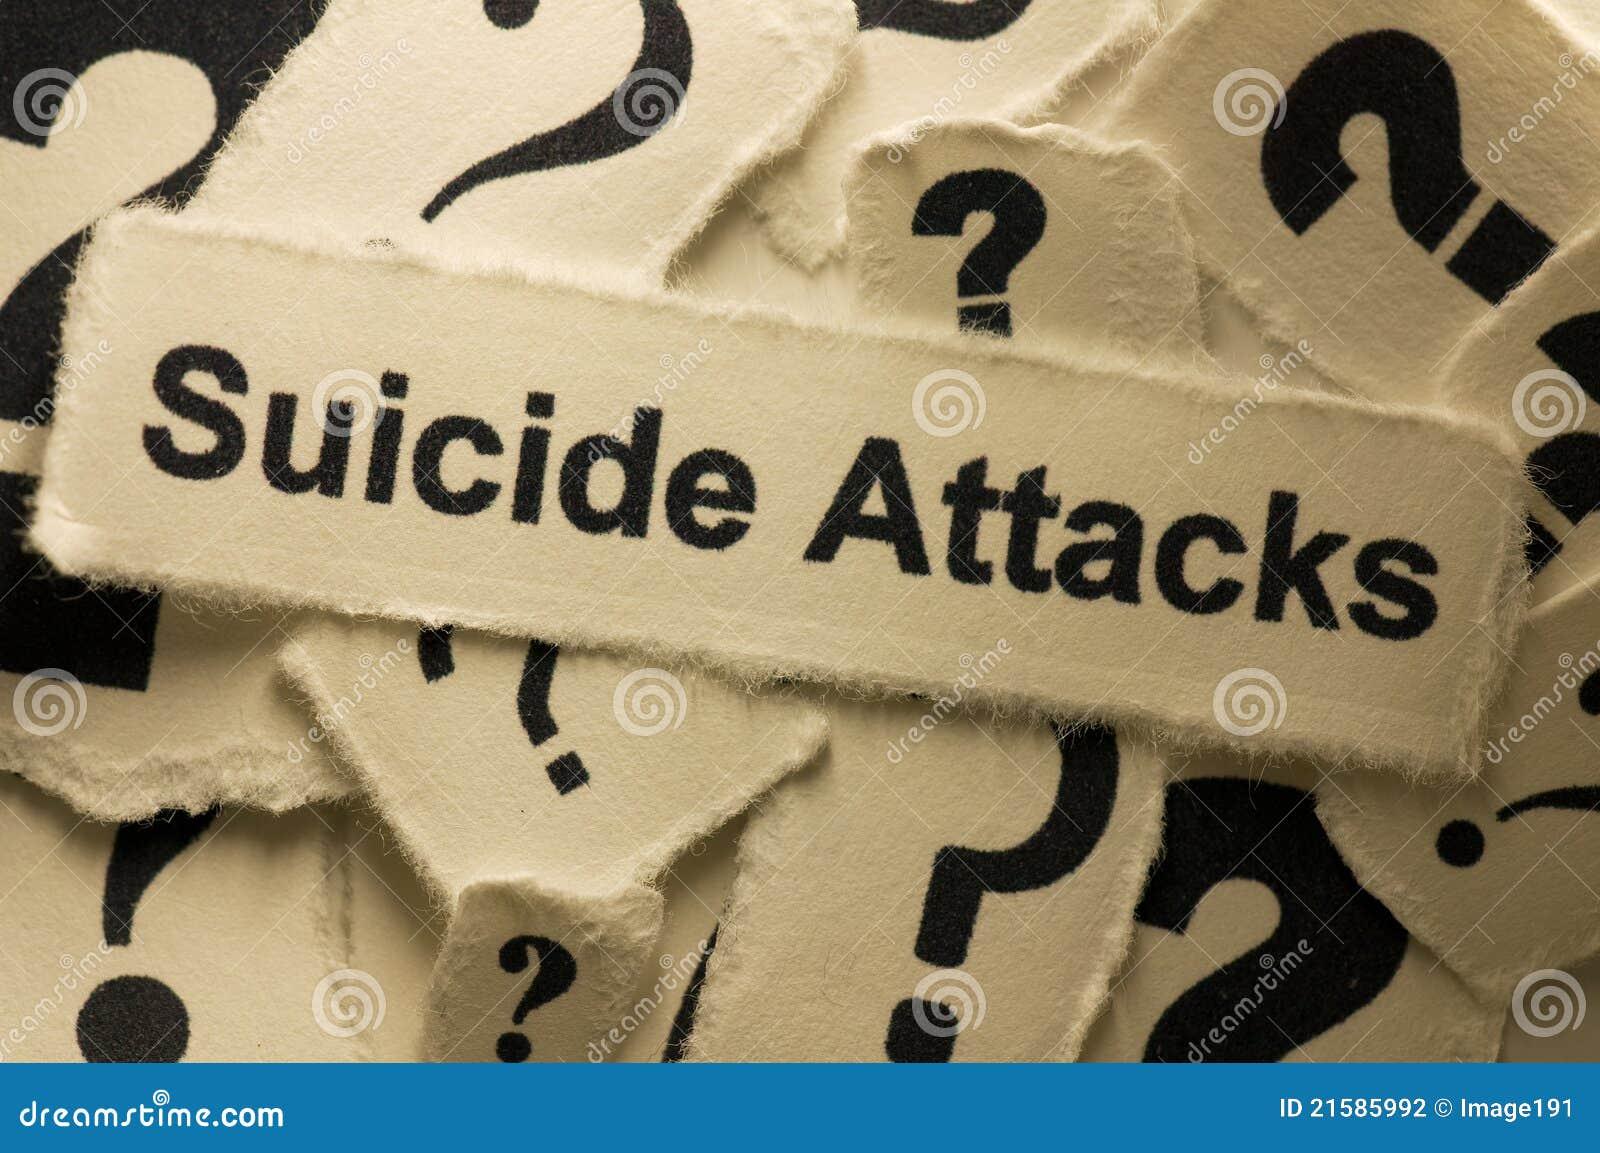 Suicide Attacks